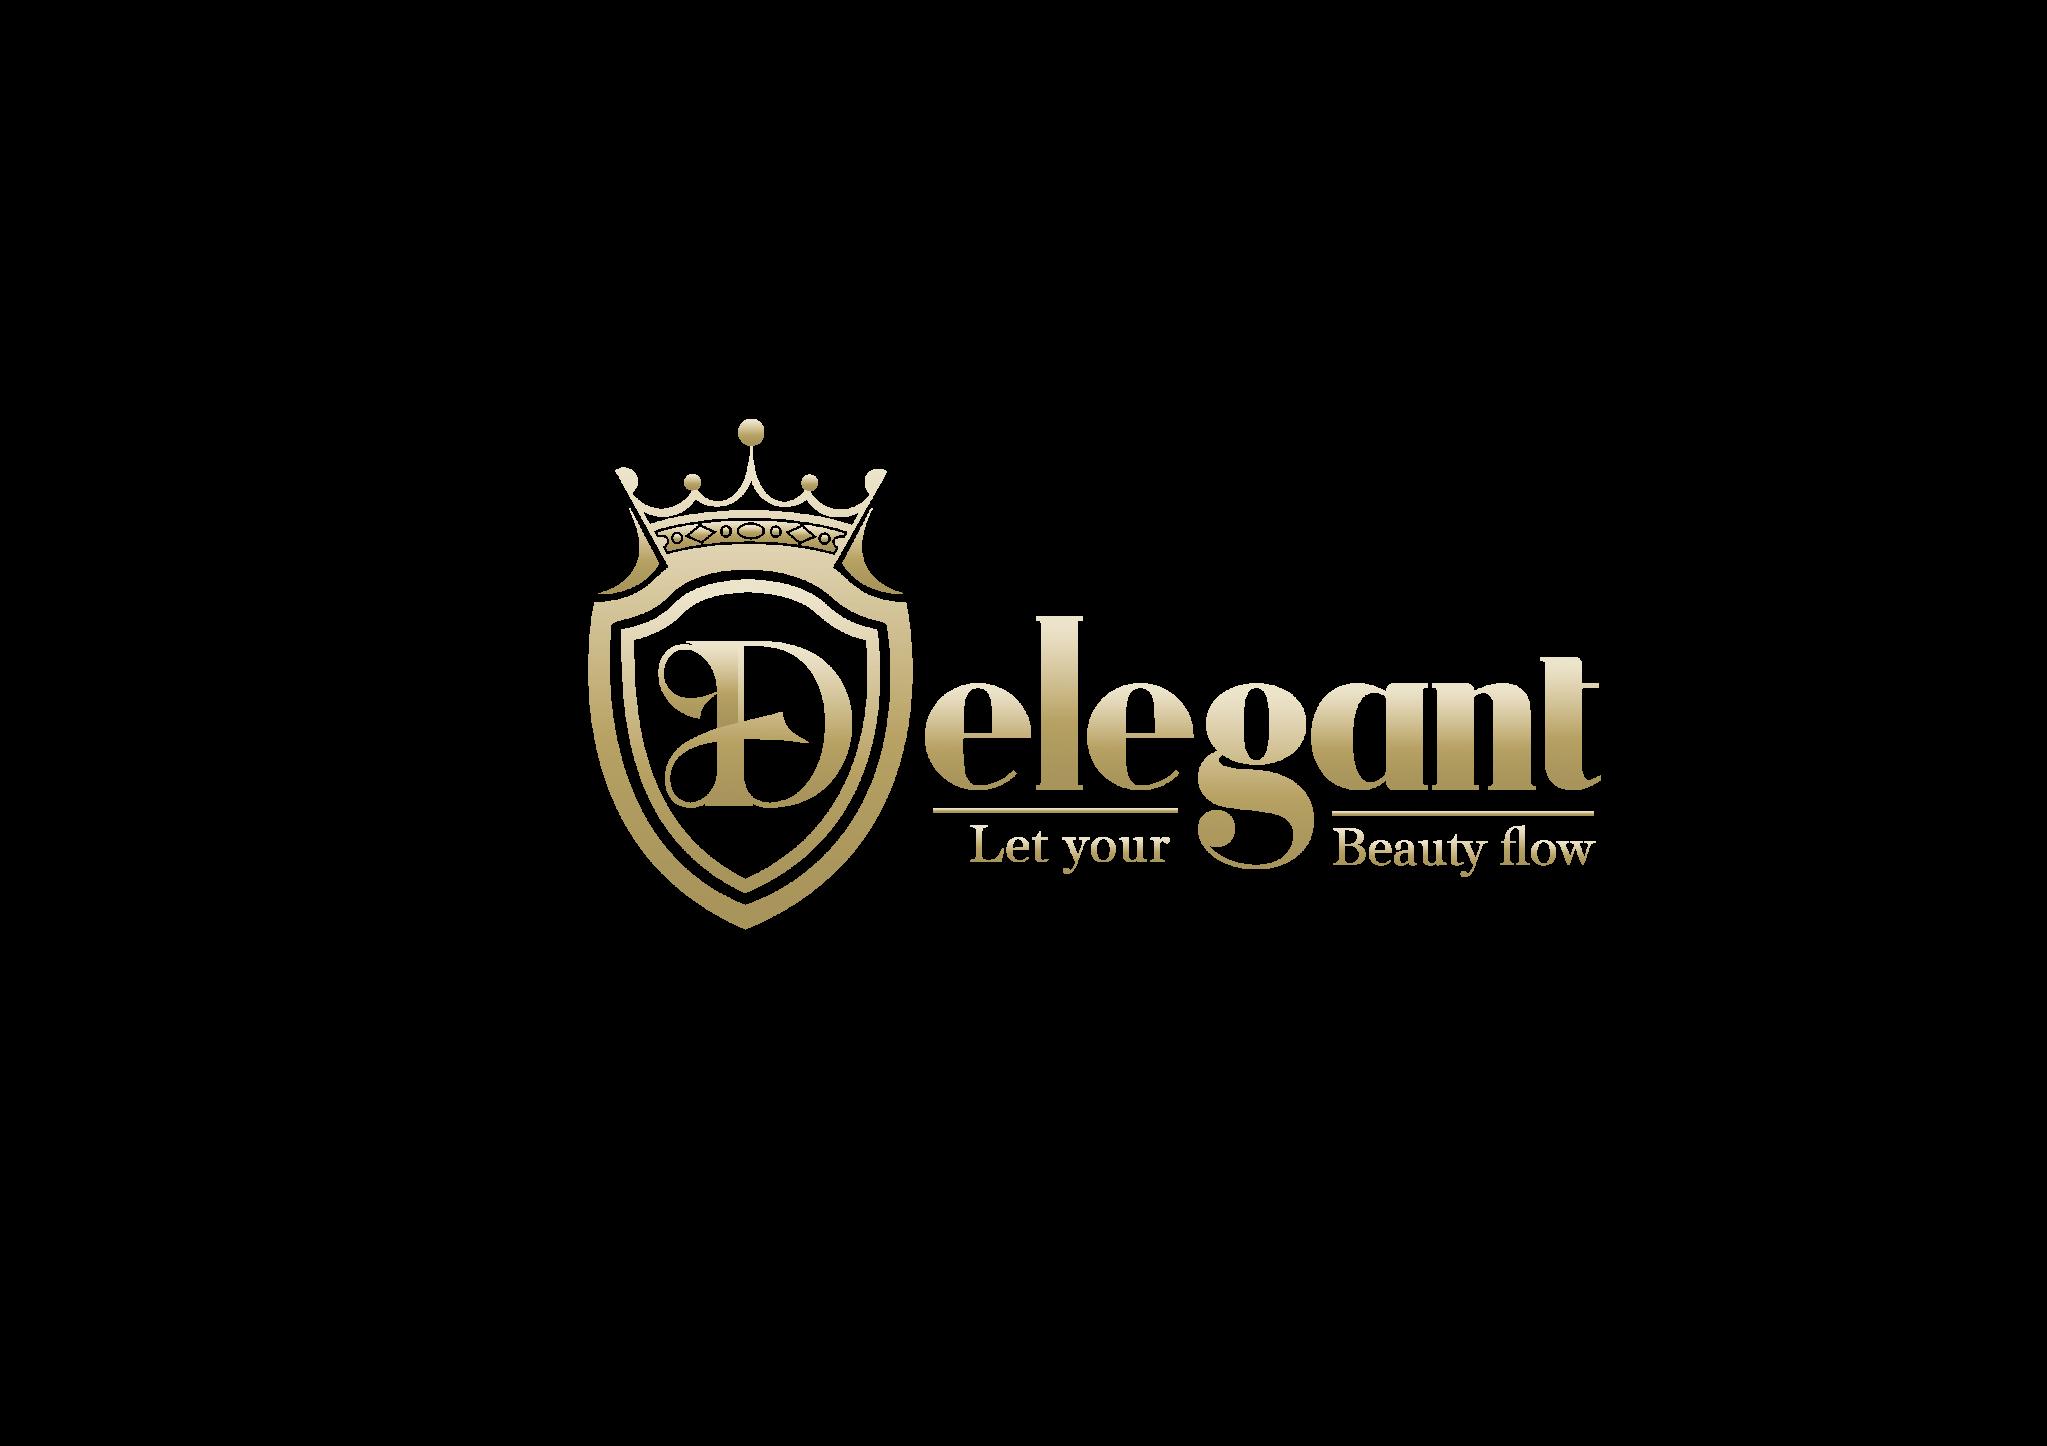 delegant-logo-gold-in-black